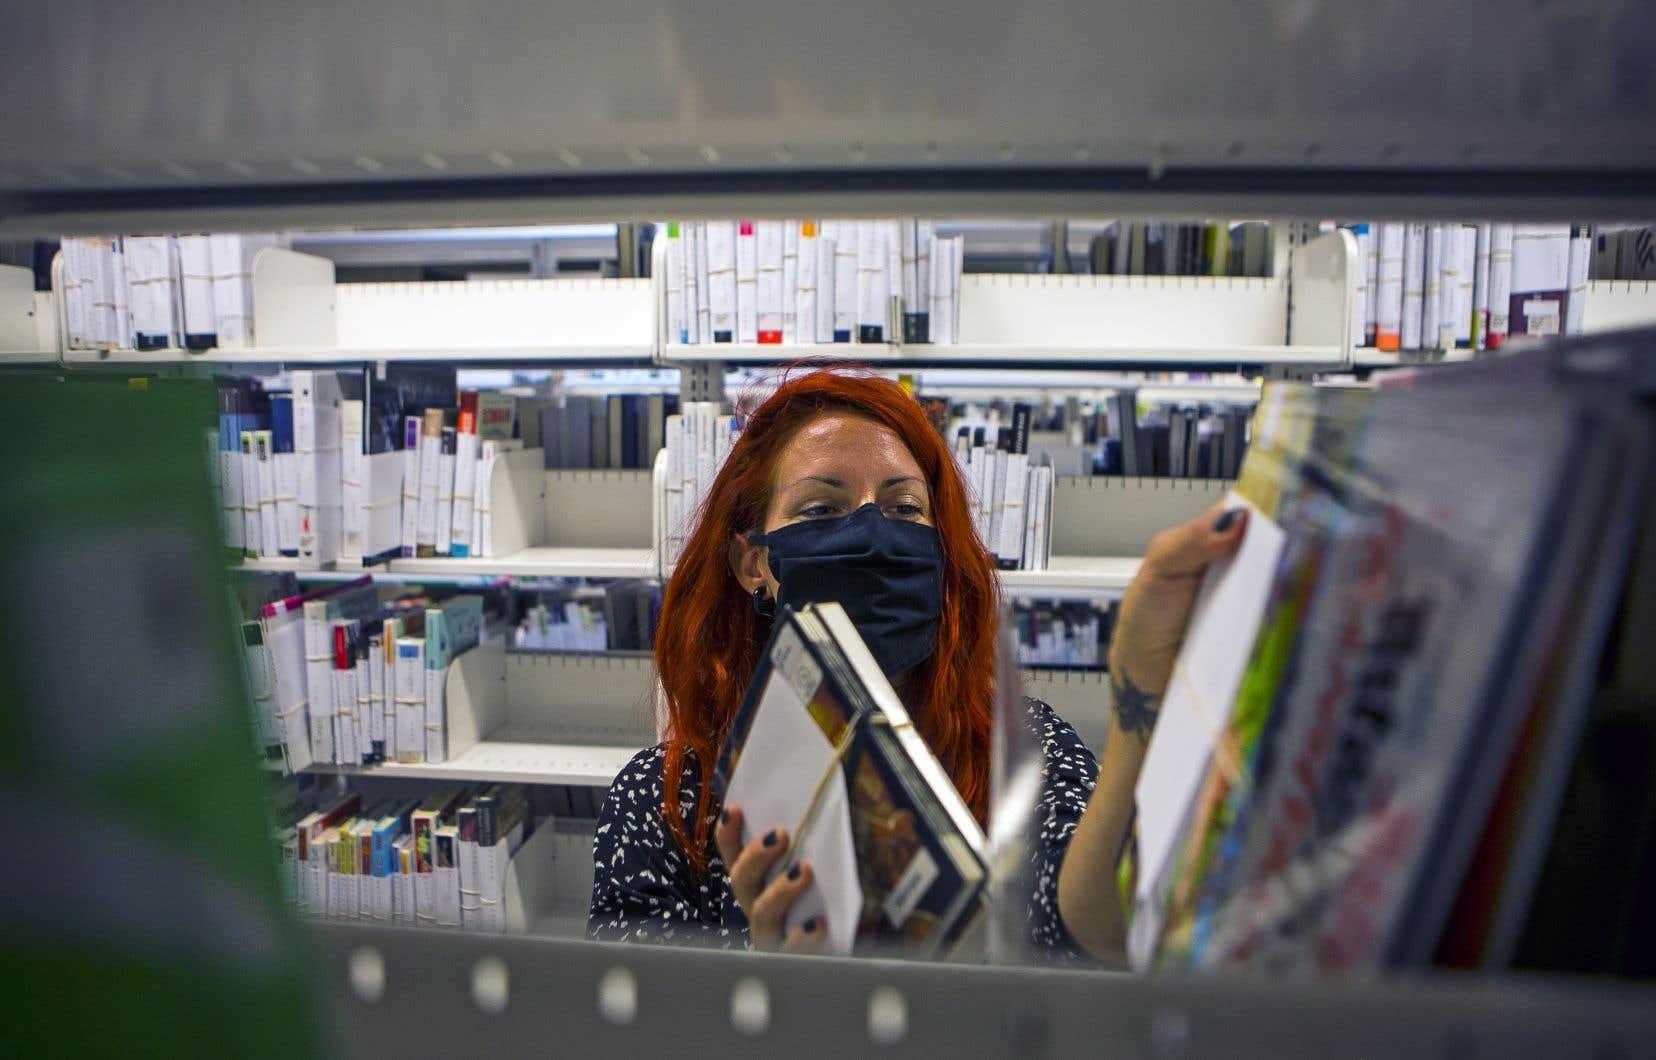 Une employée de la Grande Bibliothèque portait un masque lors de la réouverture de l'établissement, début juillet. Selon une nouvelle étude, le couvre-visage ne ferait pas que réduire la propagation de la COVID-19.